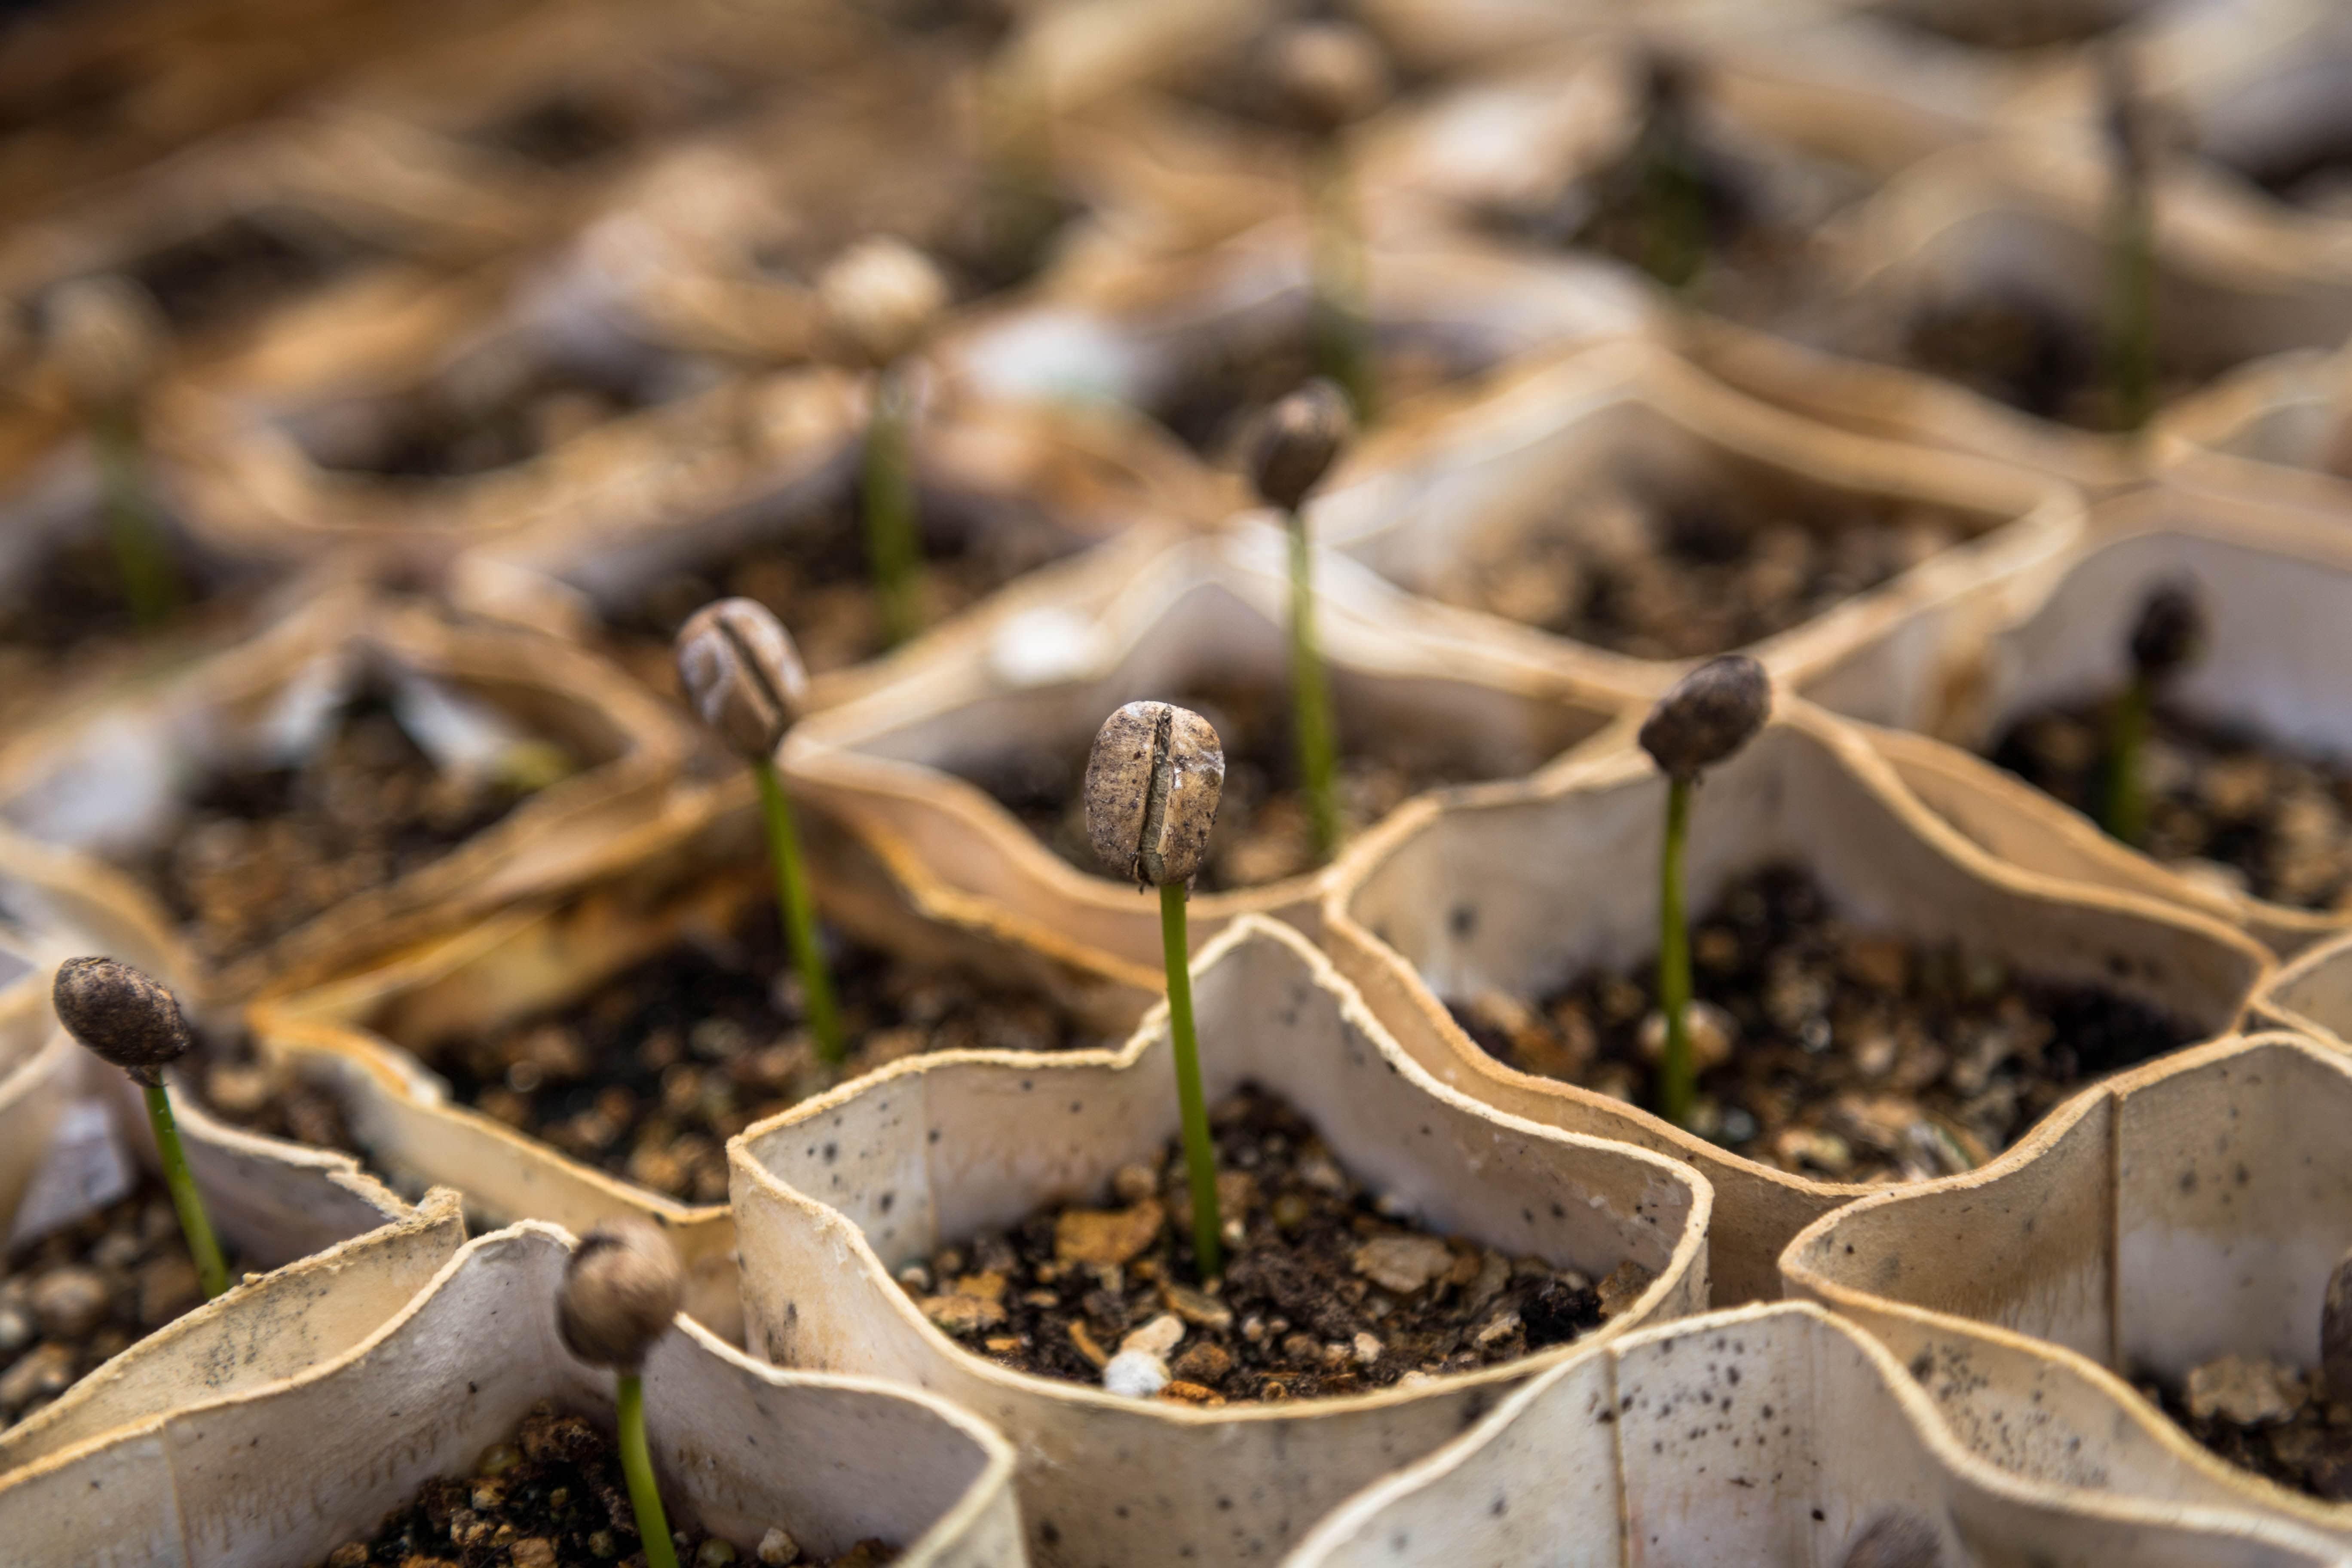 Imagem de plantas nascendo